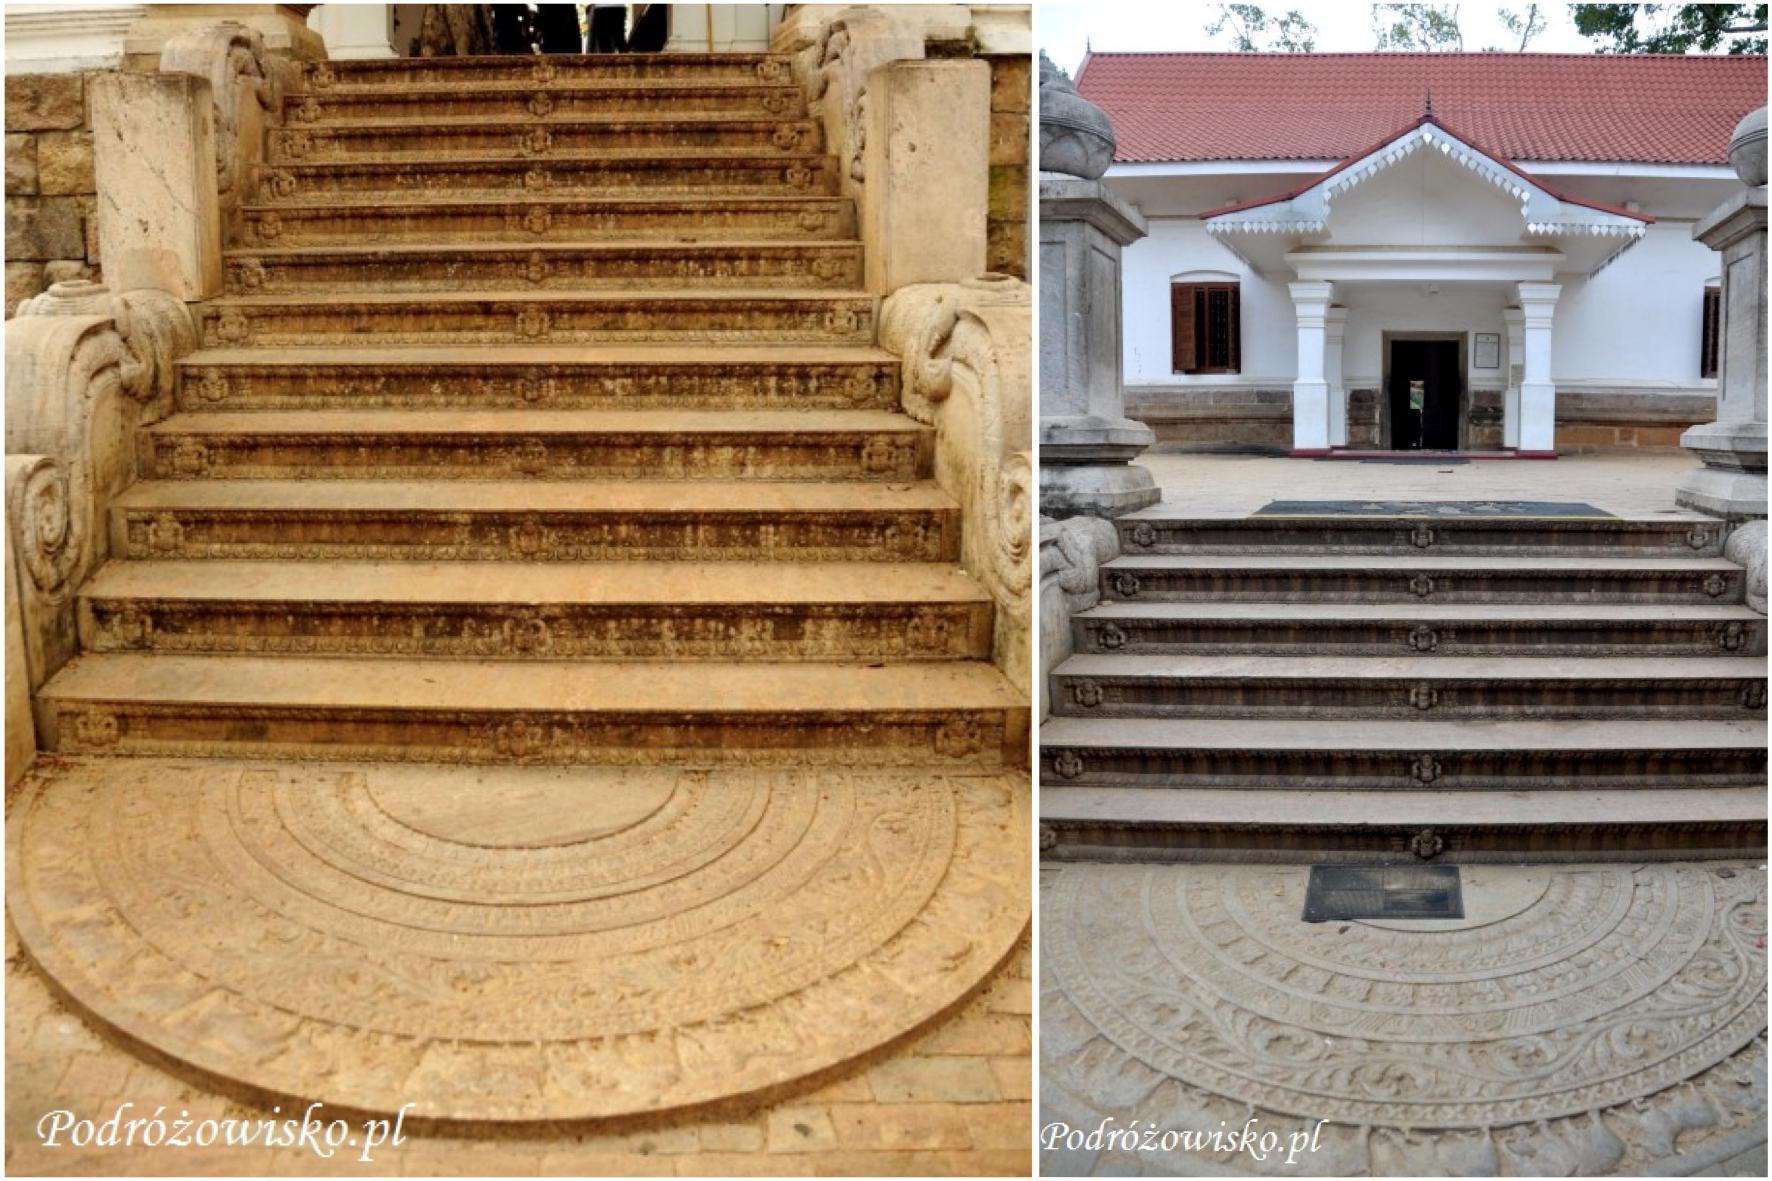 moonstone Anuradhapura